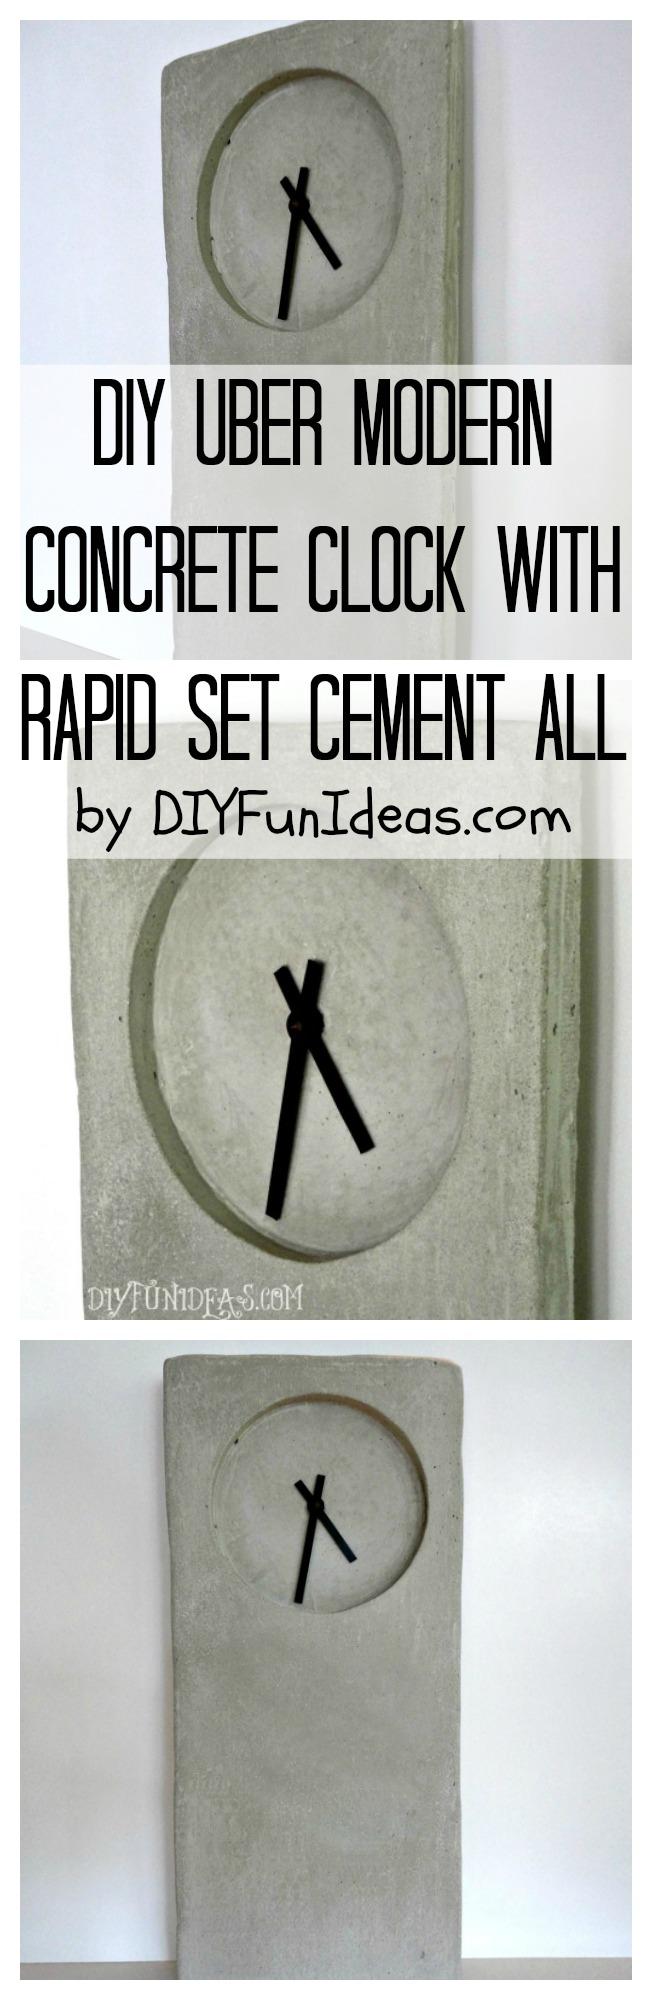 DIY-CONCRETE-CLOCK